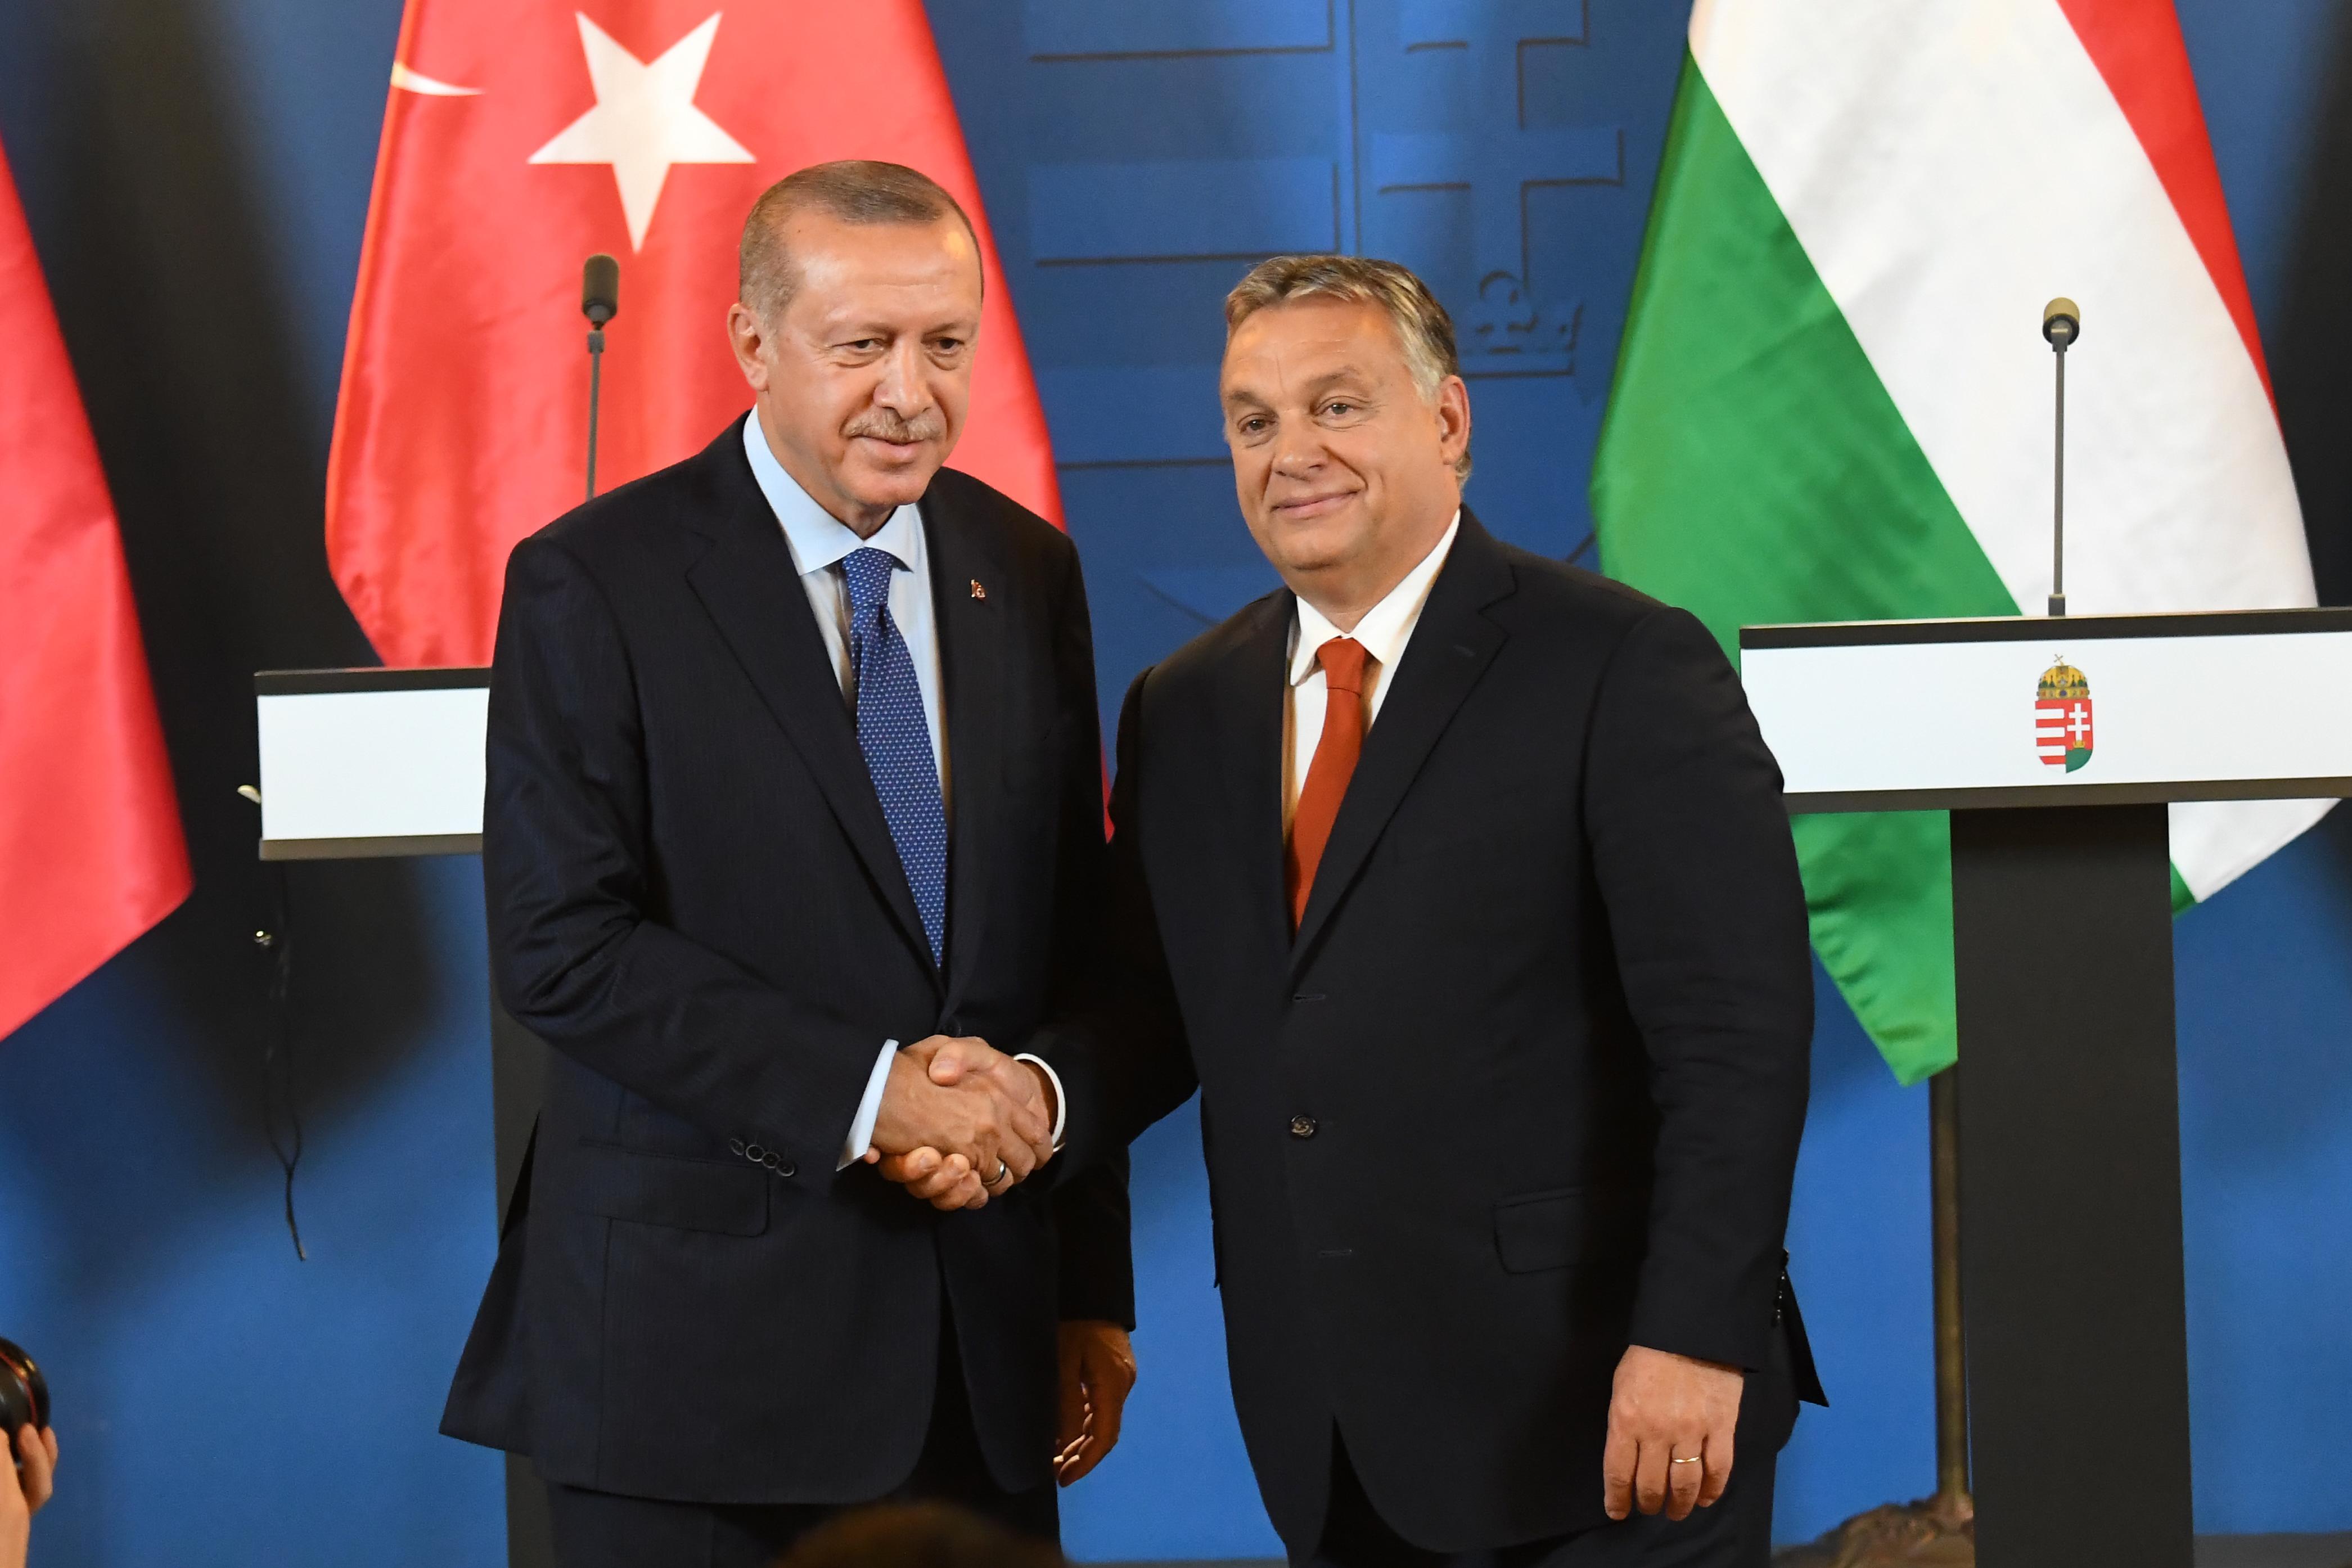 Magyarország reggel még megvétózta, de estére sikerült elfogadni a törököknek címzett EU-s felszólítást